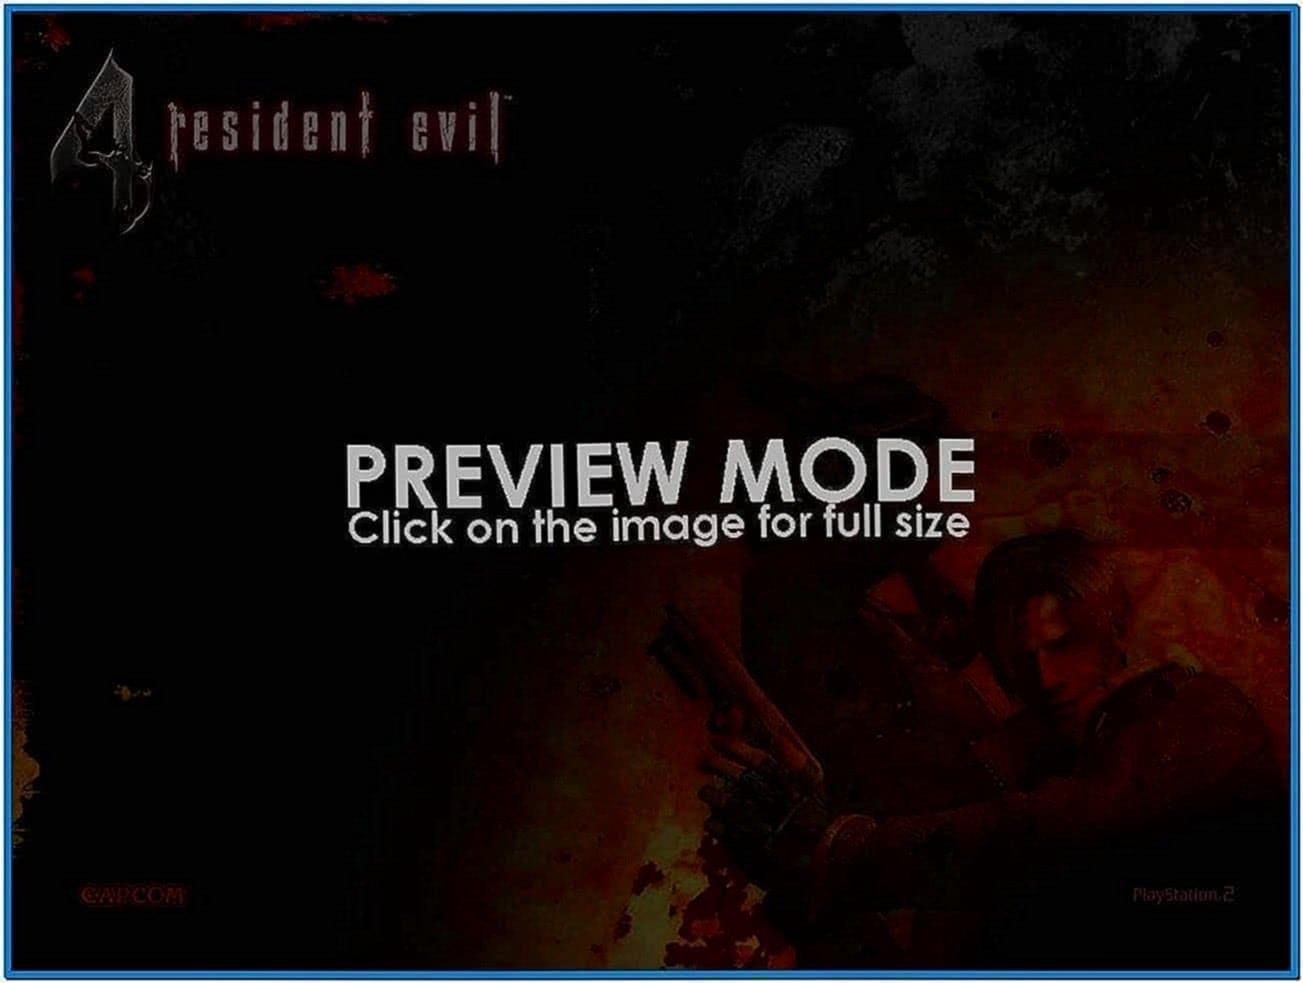 Do Resident Evil 4 Screensaver